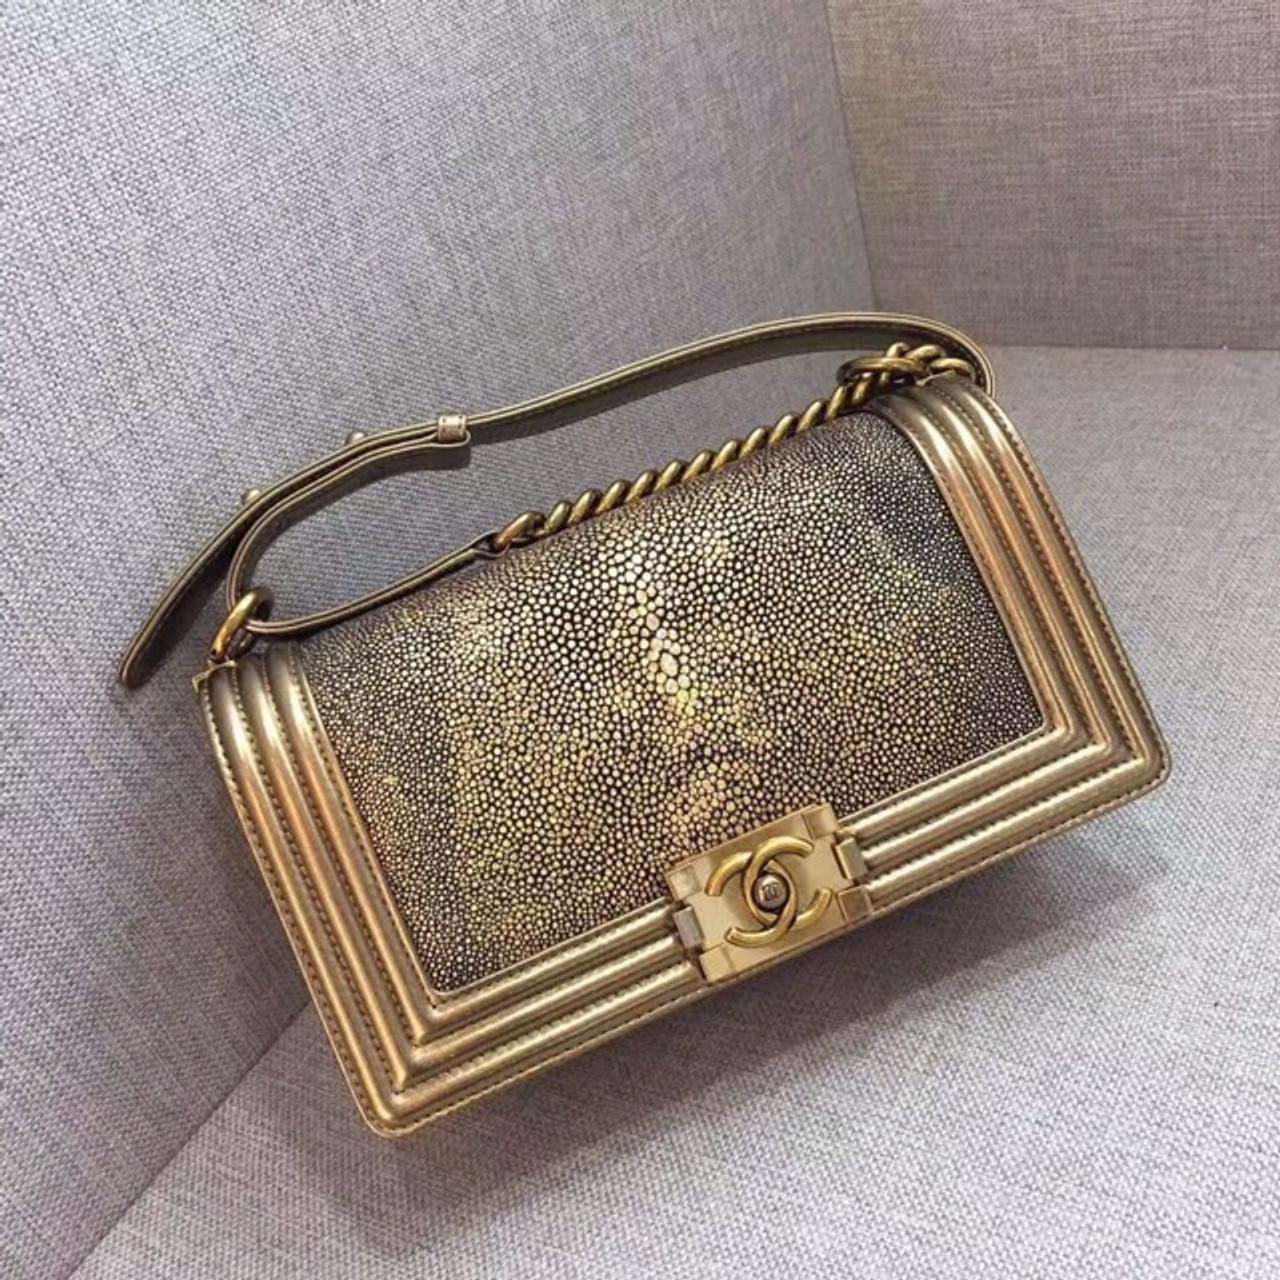 f8929719fcac Chanel Metallic Gold Stingray Medium Boy Bag - Bella Vita Moda